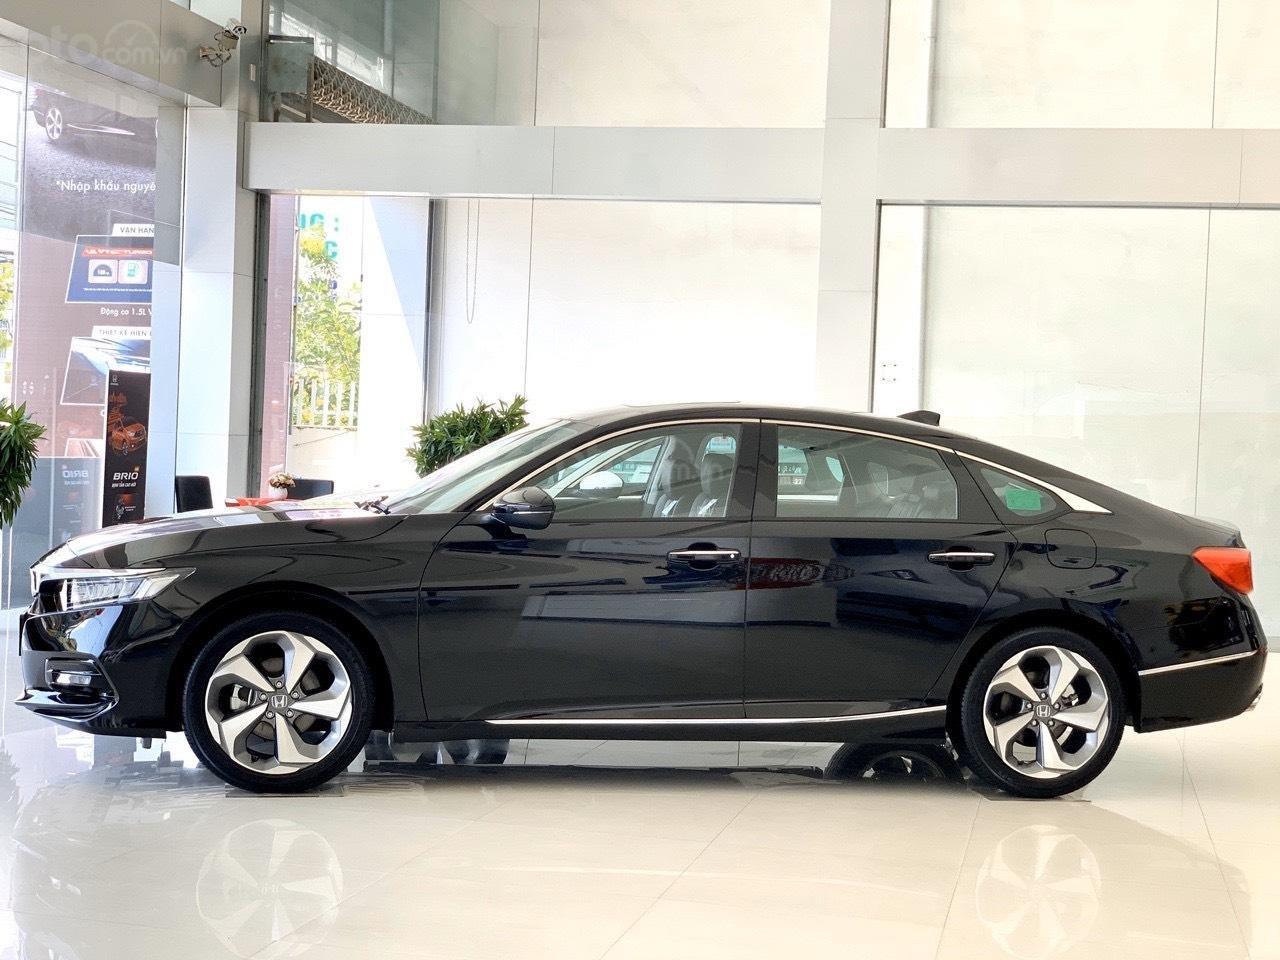 [Đại lý chính hãng - Honda ô tô Khánh Hòa] Honda Accord 2020 (Mới 100%), ưu đãi và quà tặng hấp dẫn (4)